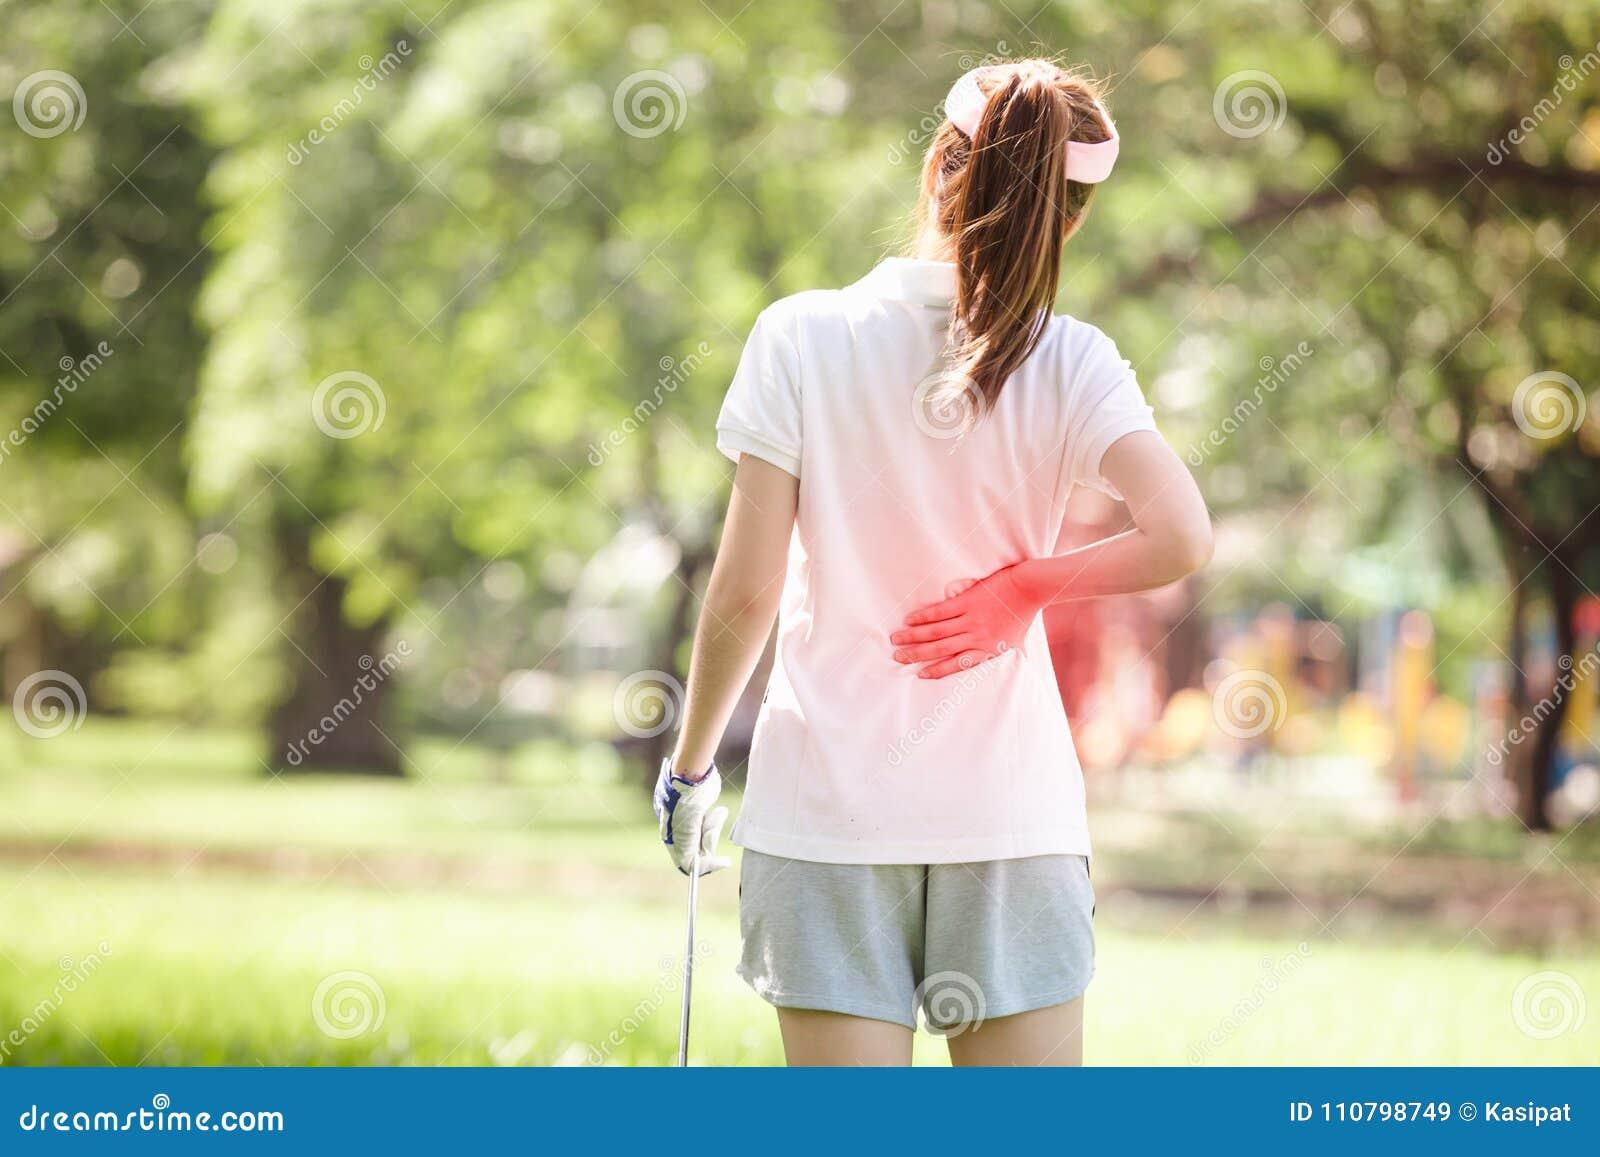 Sport-Verletzung